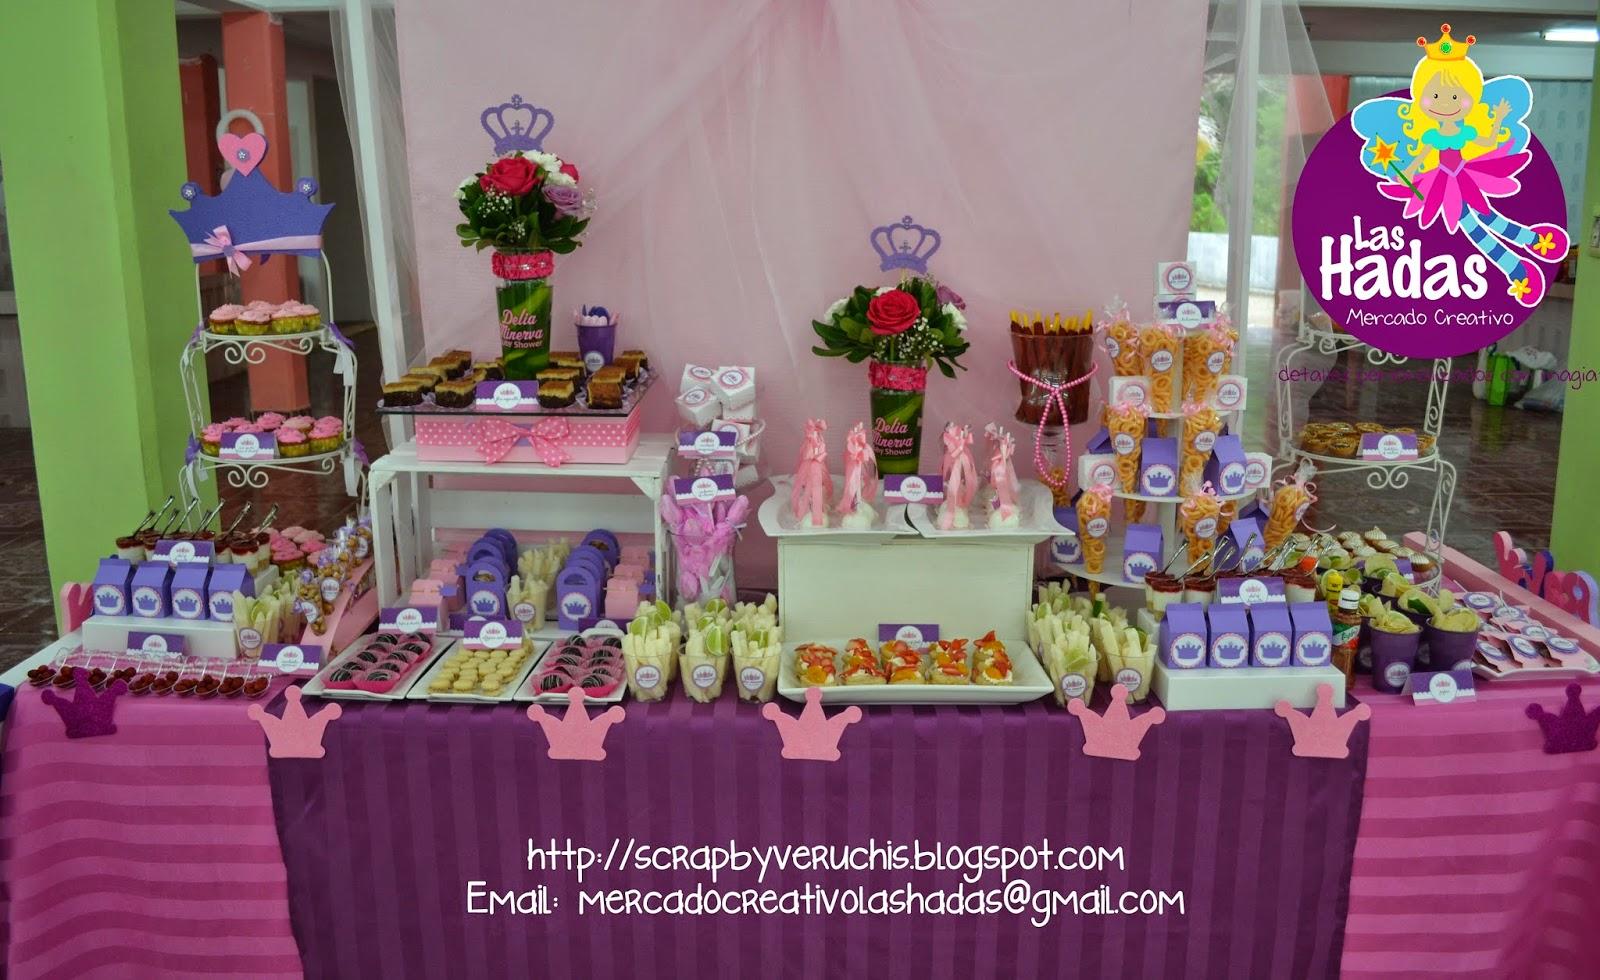 Scrapbyveruchis baby shower princesa corona for Como decorar mesa de postres para baby shower